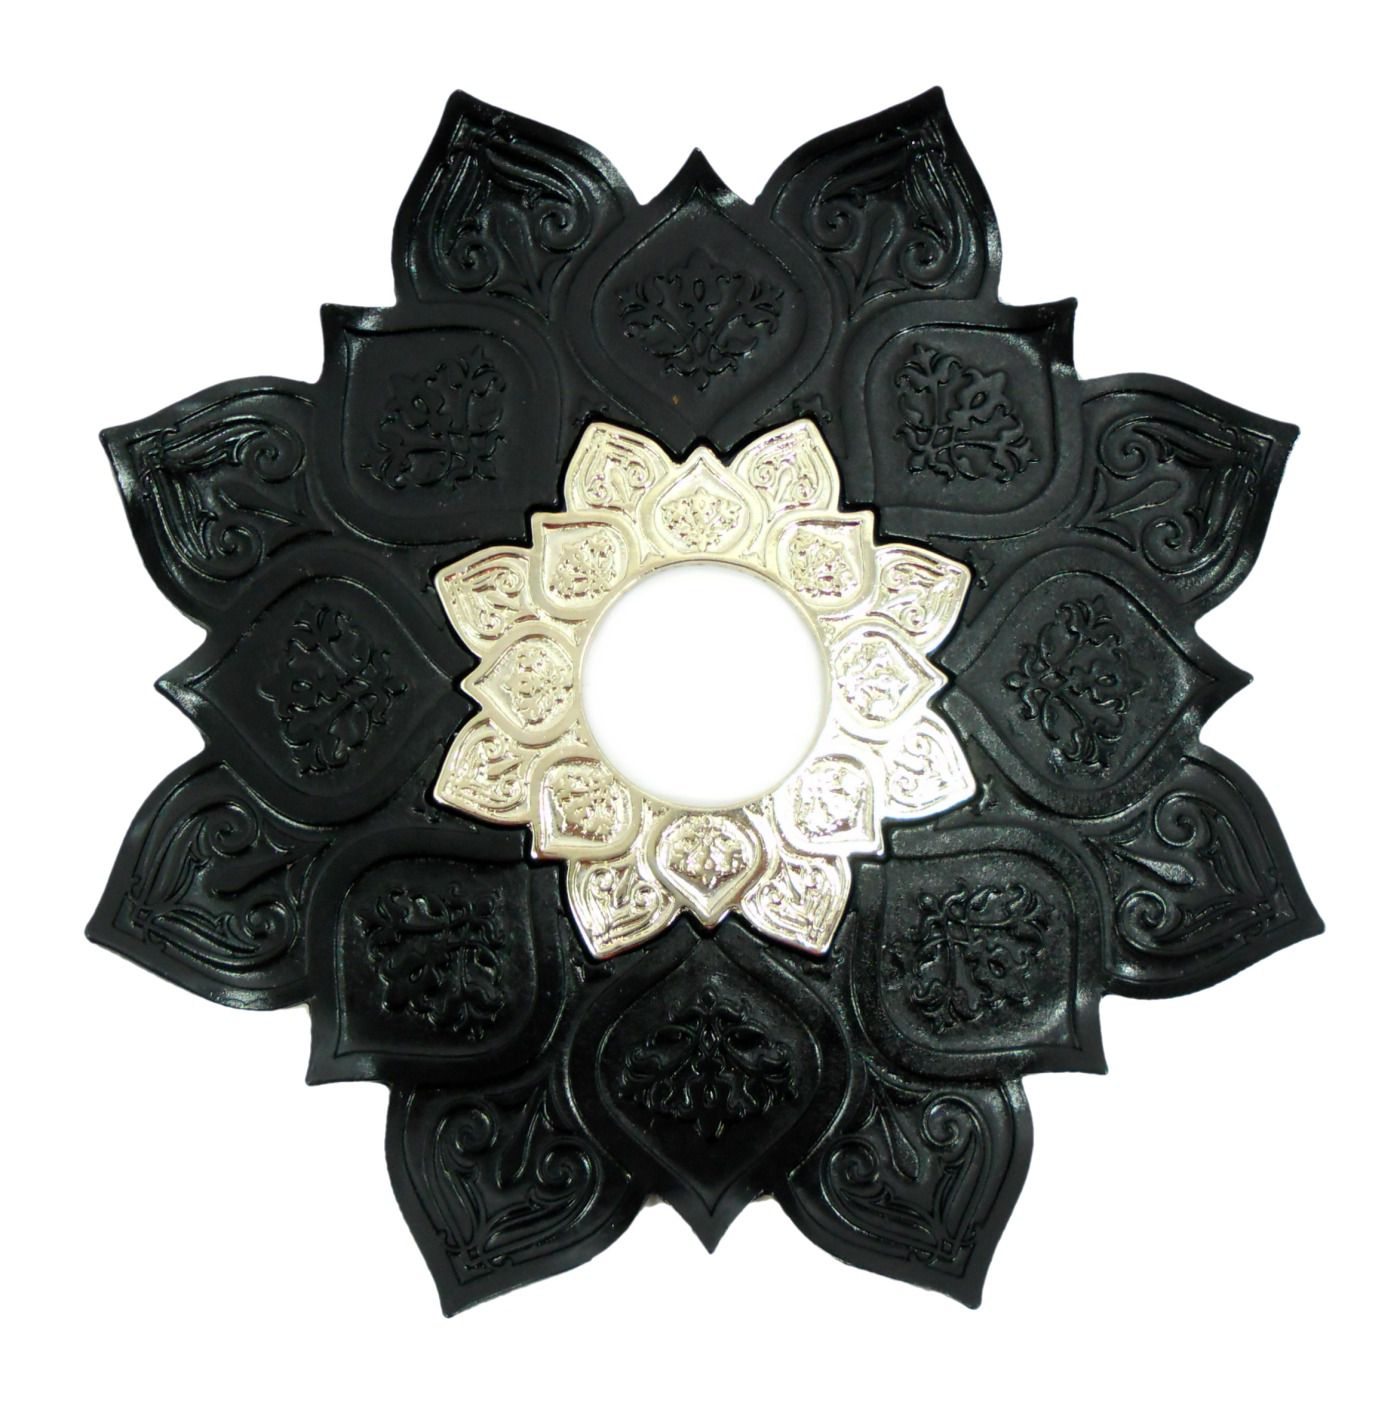 Prato para narguile mod. Athenas 23cm em liga metálica inox e decorado. Cor PRETO.